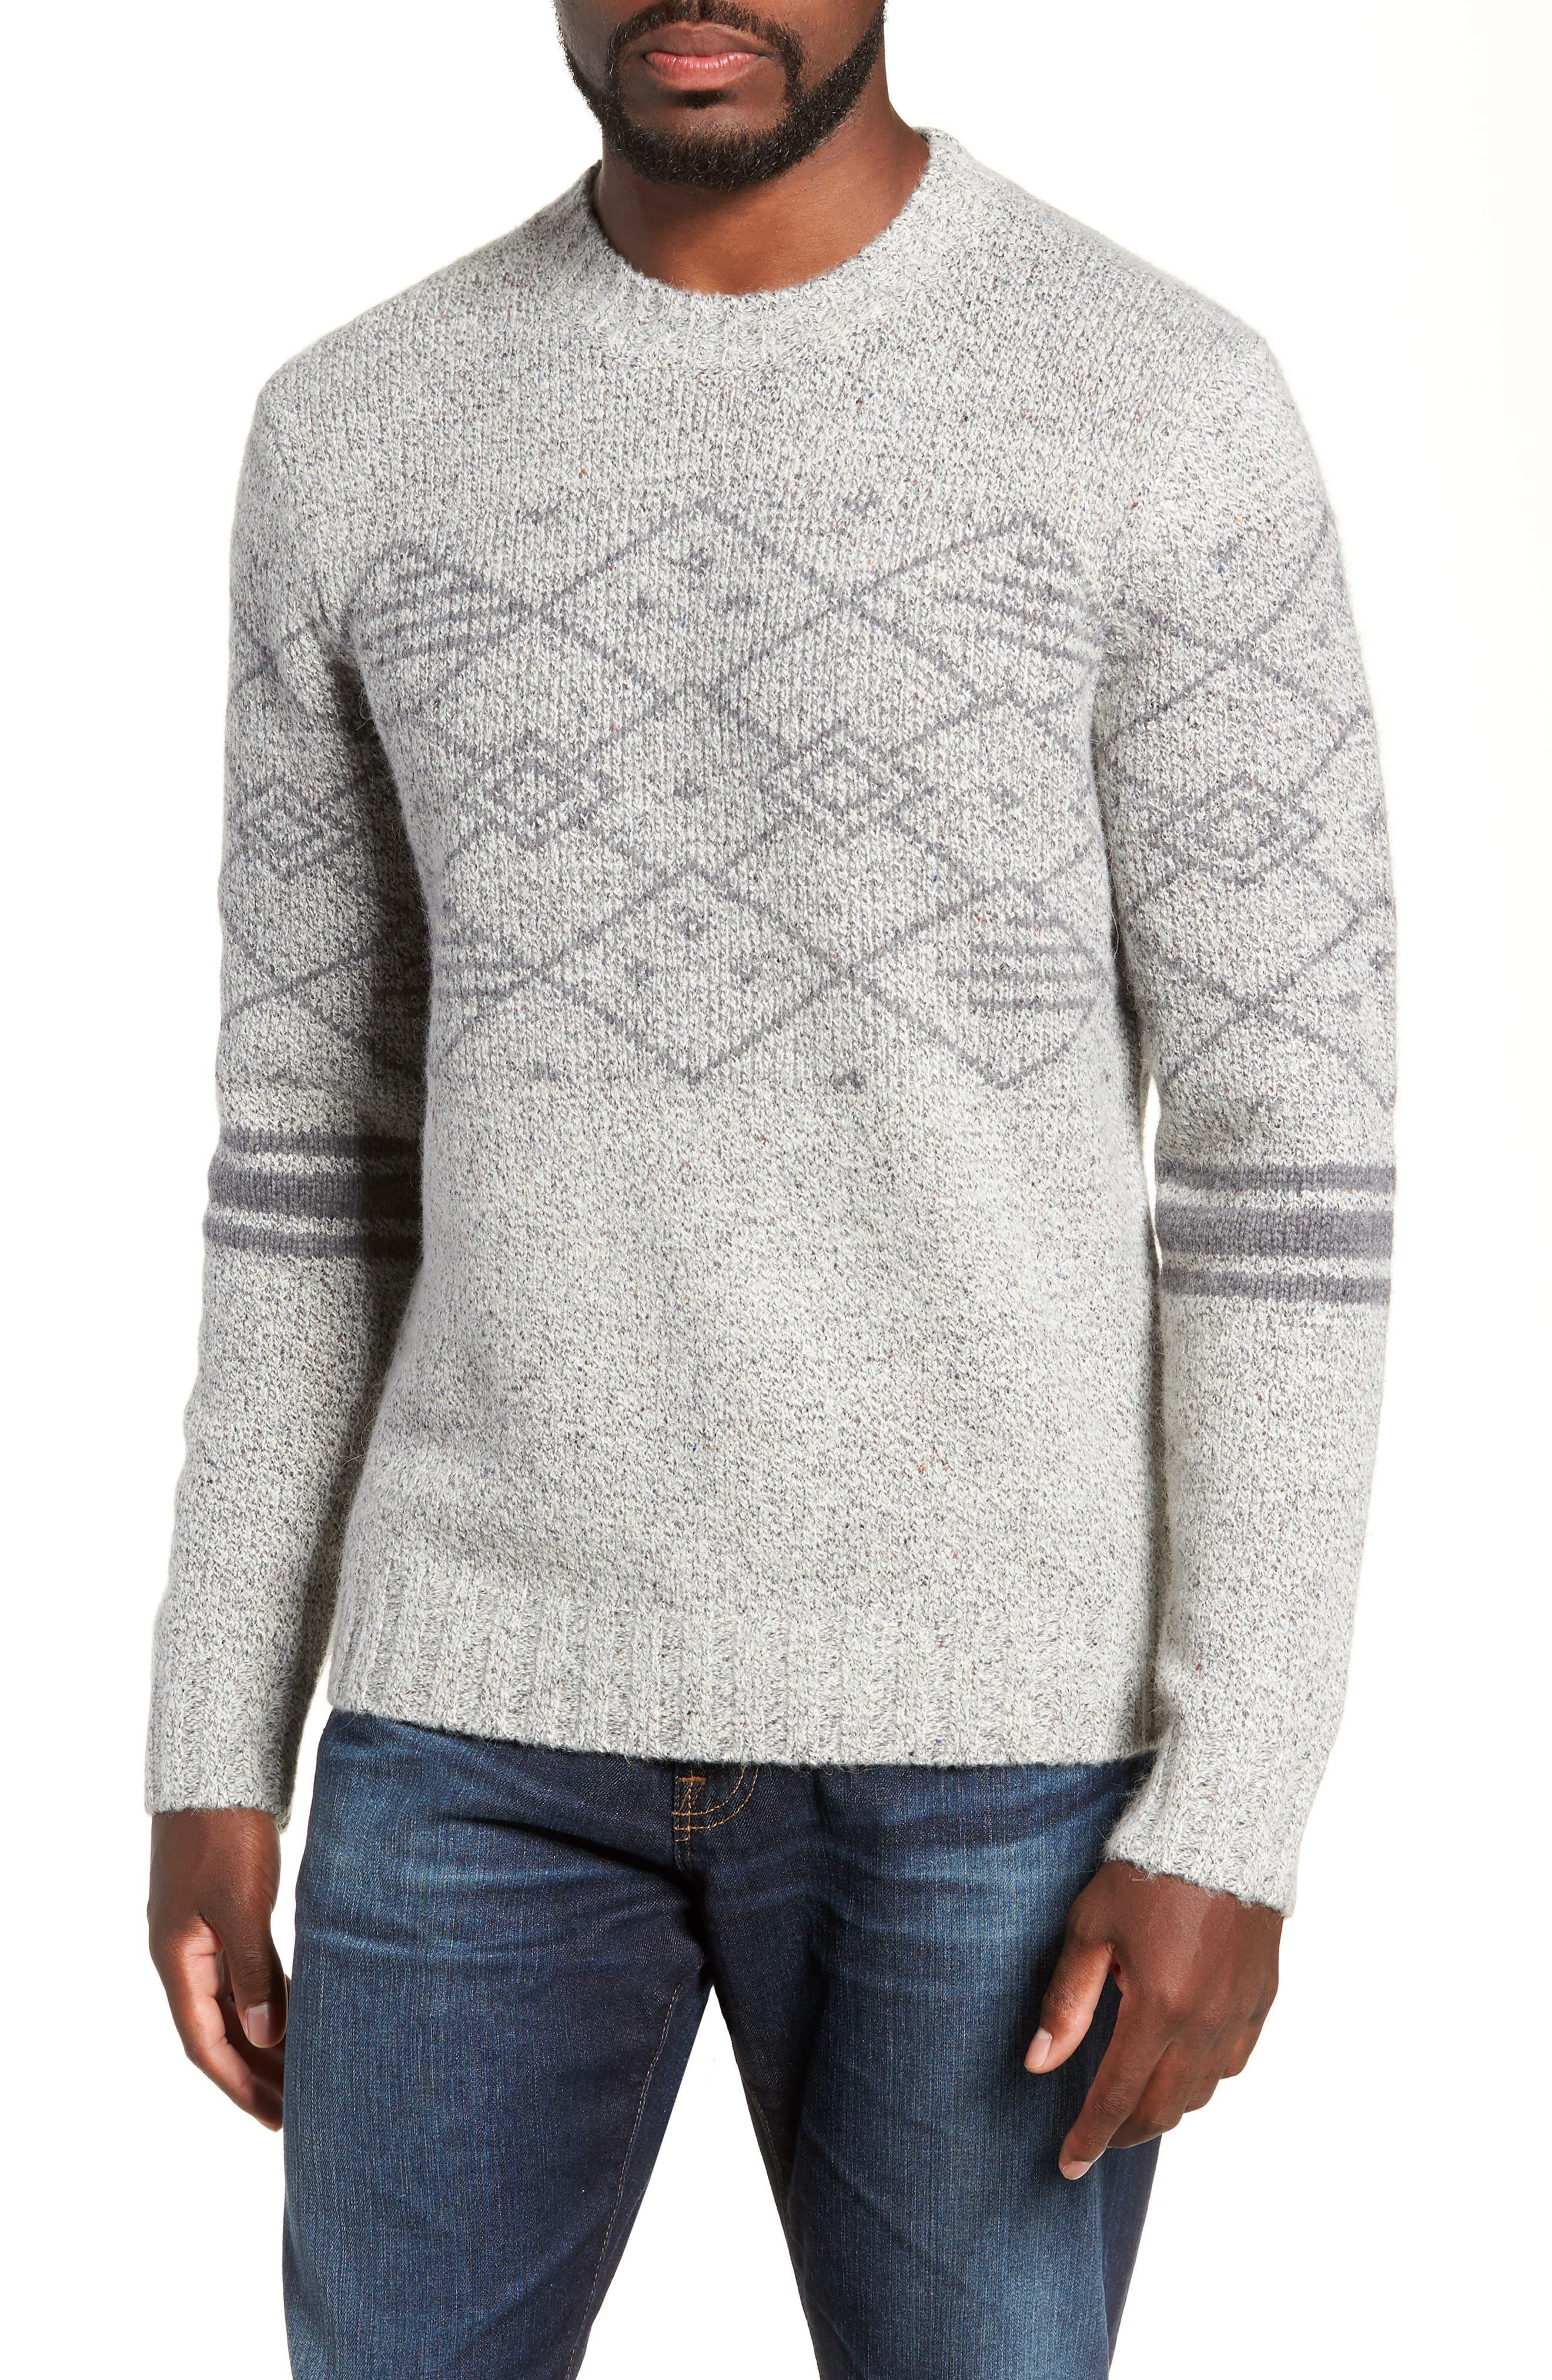 Fair Isle Regular Fit Sweater,                             Main thumbnail 1, color,                             060